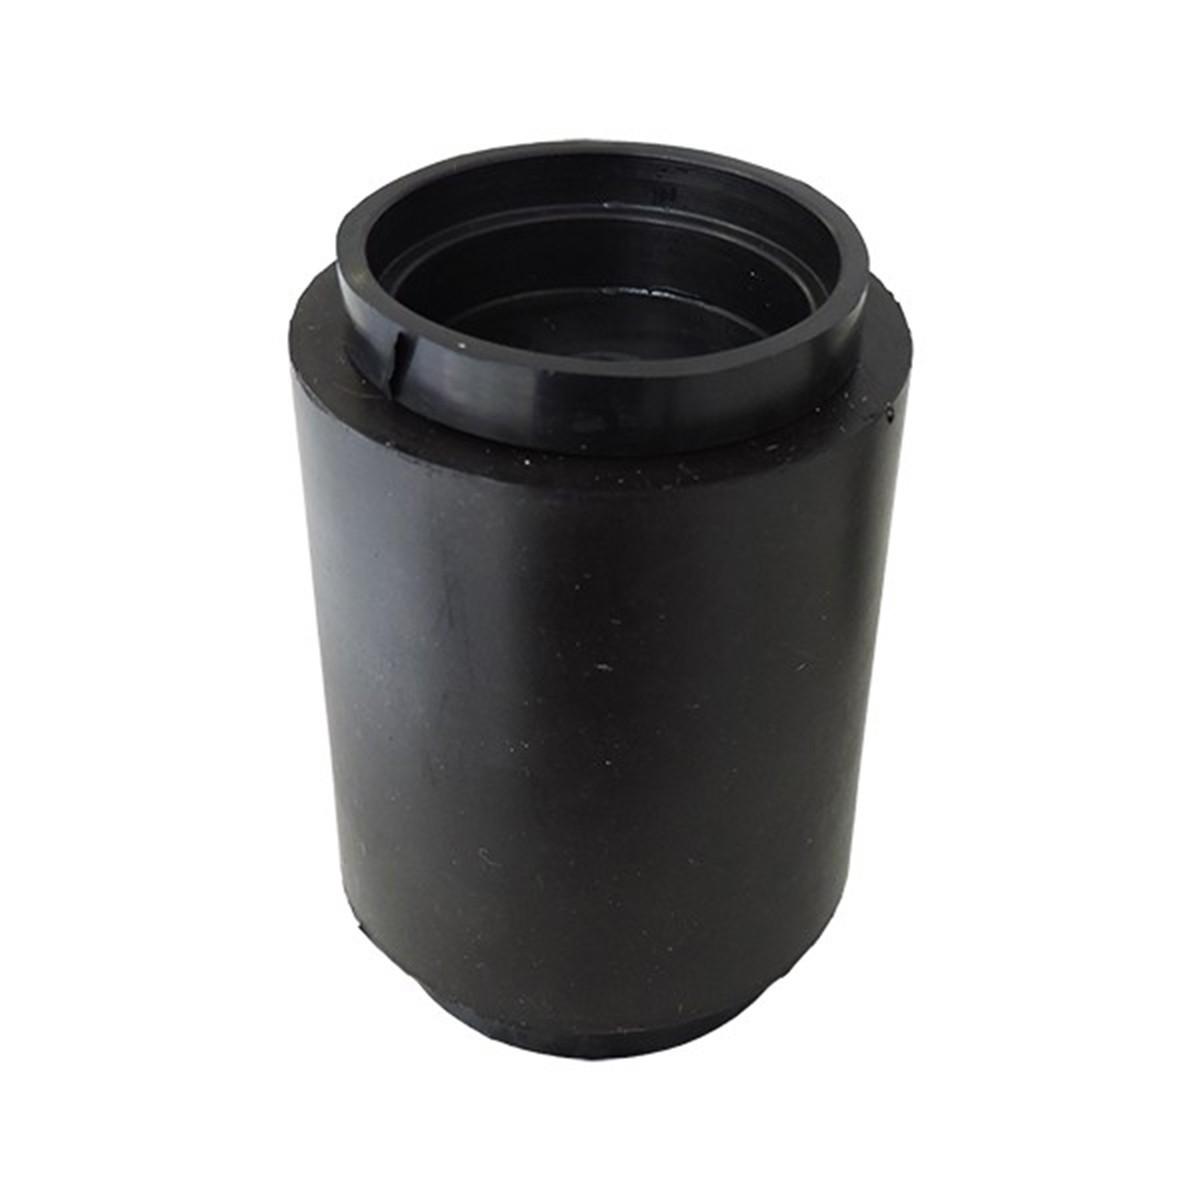 Anel para Cerâmica Prensada  Kota 12,7 mm 200g